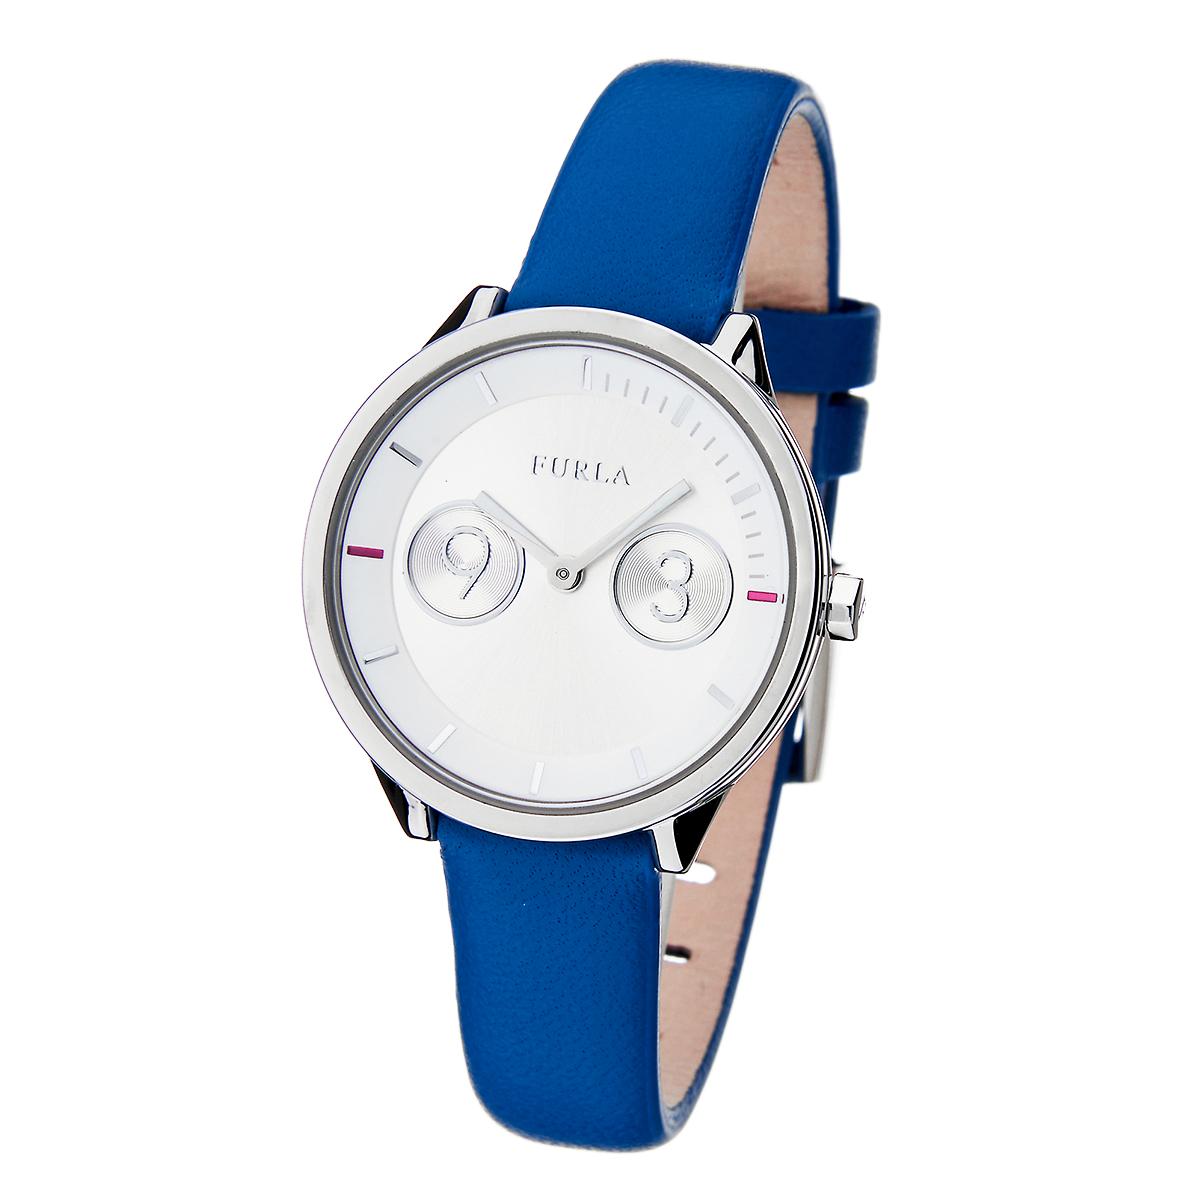 【全品送料無料】 フルラ FURLA メトロポリス METROPOLIS R4251102508 レディース 時計 腕時計 クオーツ